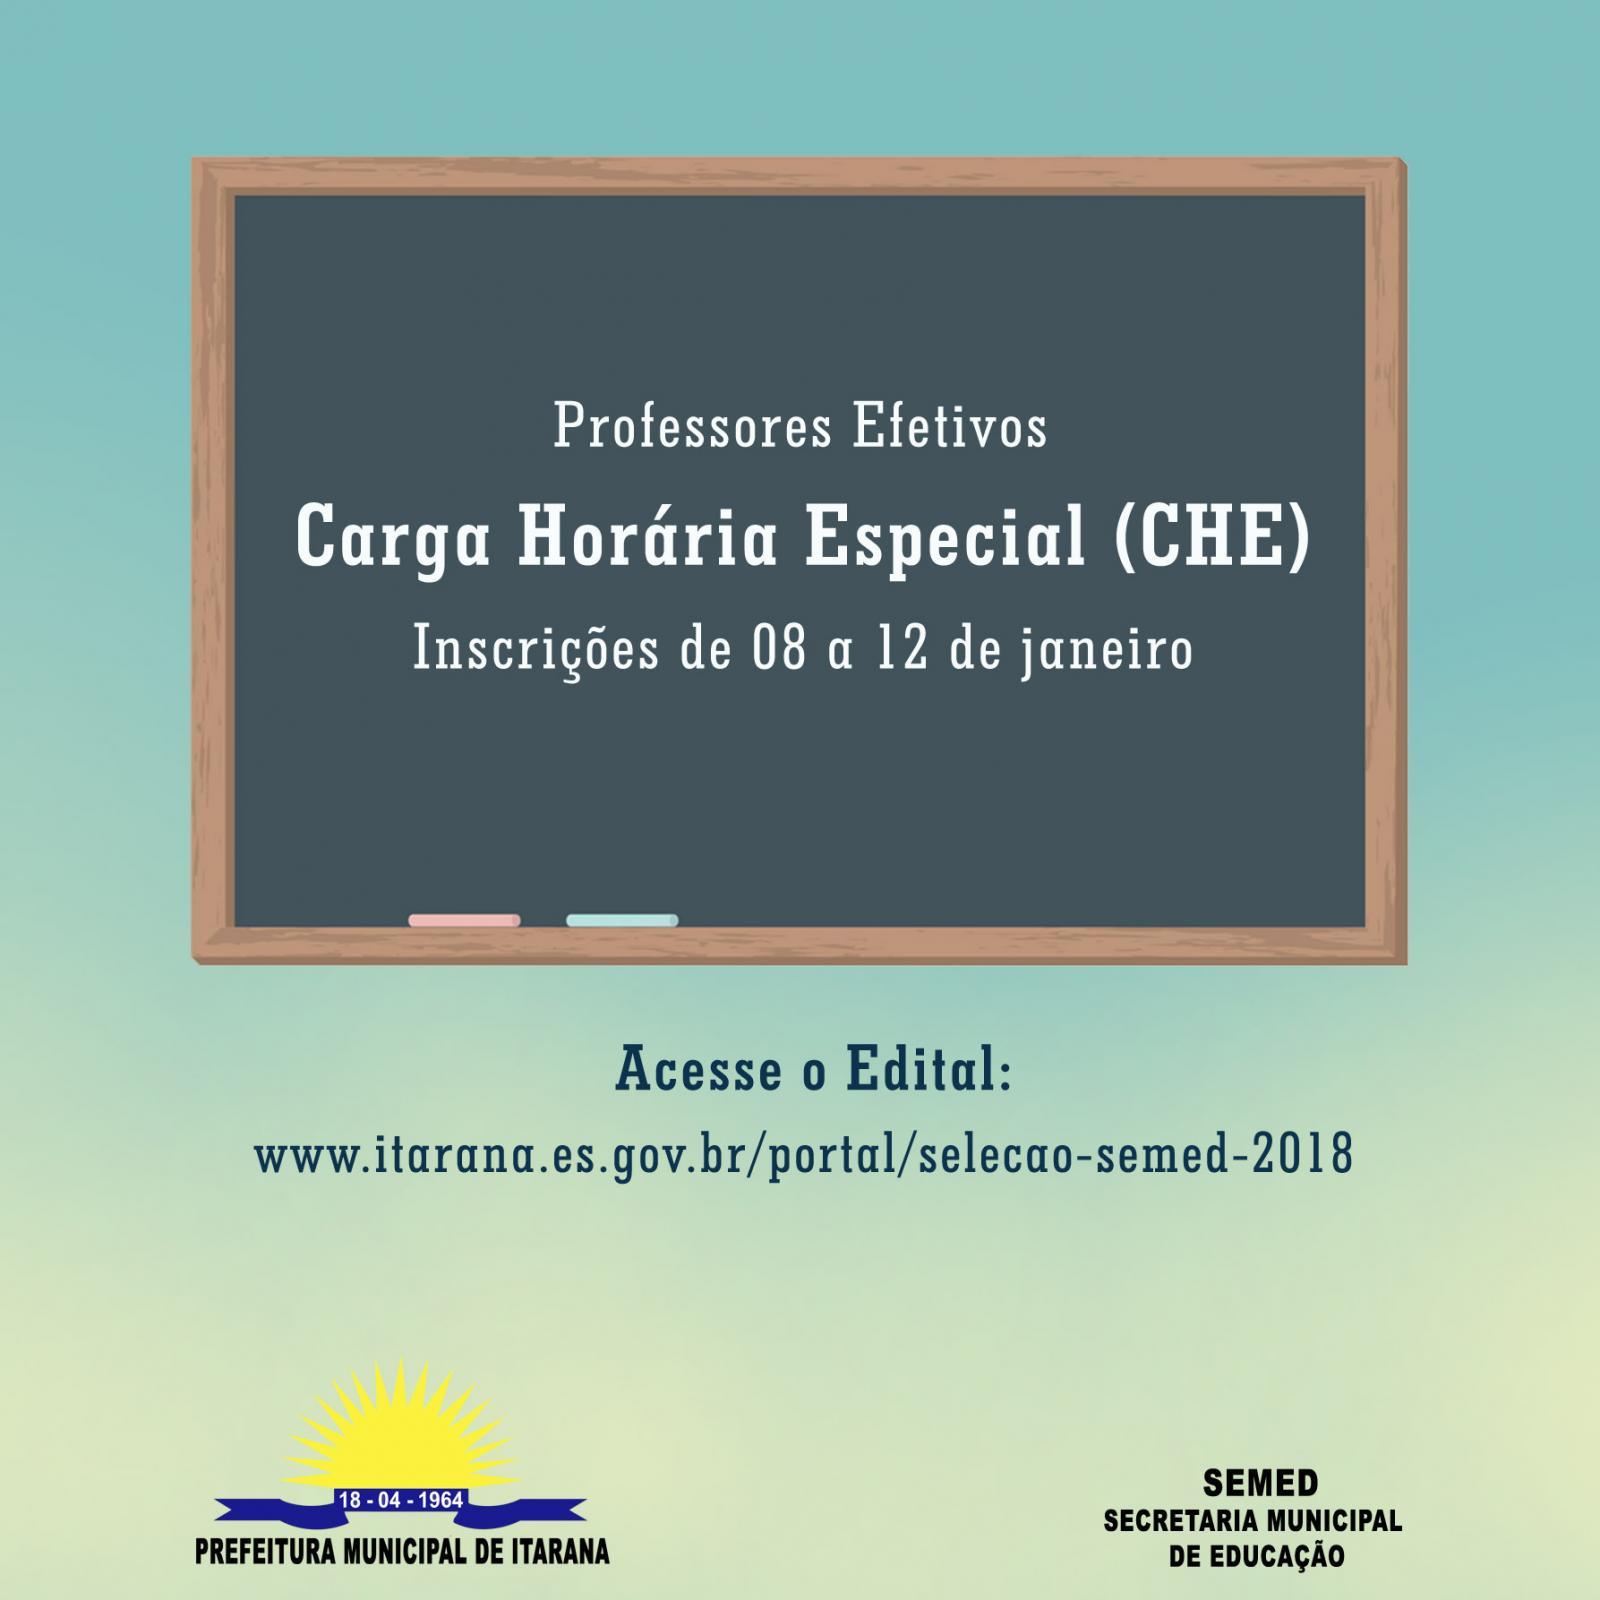 Educação lança edital para concessão de Carga Horária Especial (CHE) para professores efetivos